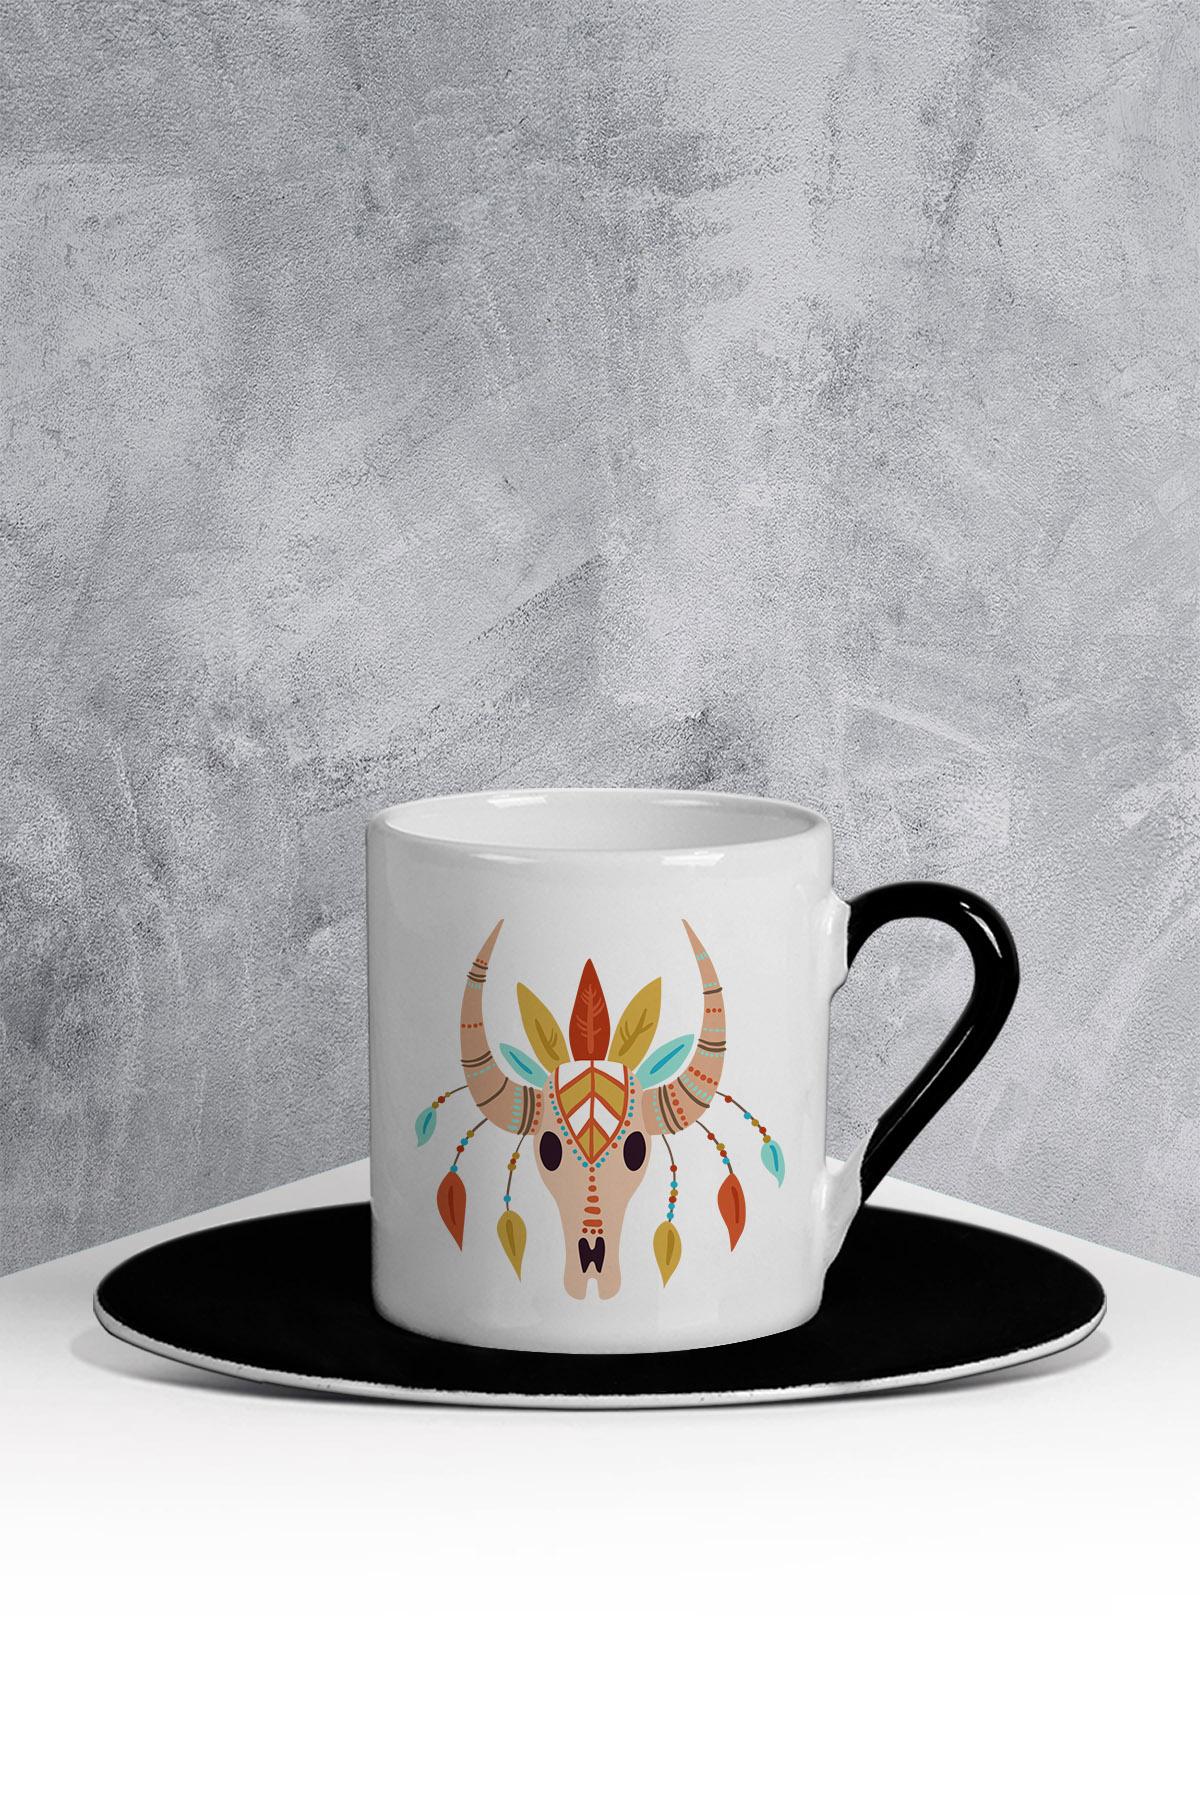 كوب قهوة أسود أبيض بطبعة